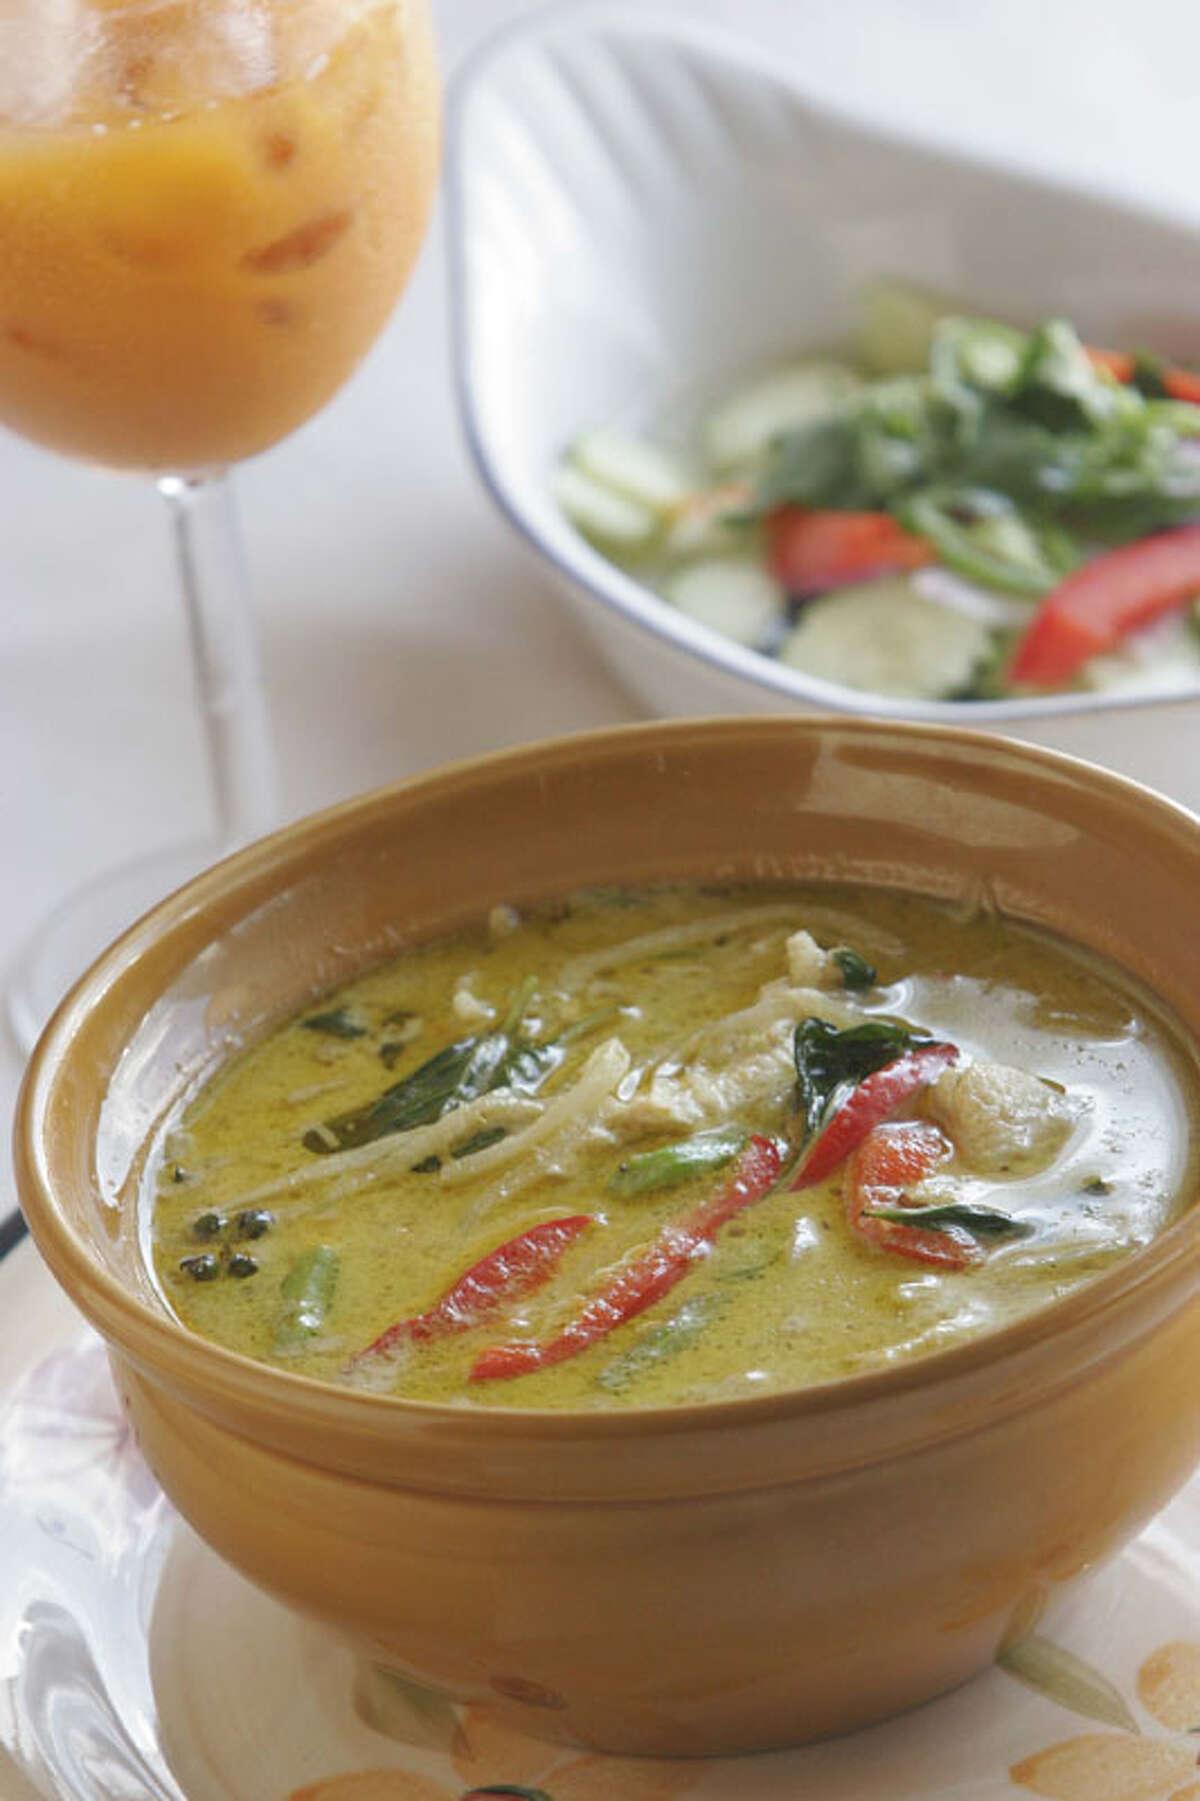 Vieng Thai Cuisine: Thai Dish: Gang Keau Wan Entree price range: $$ Where: 6929 Long Point, Spring Branch Phone: 713-688-9910